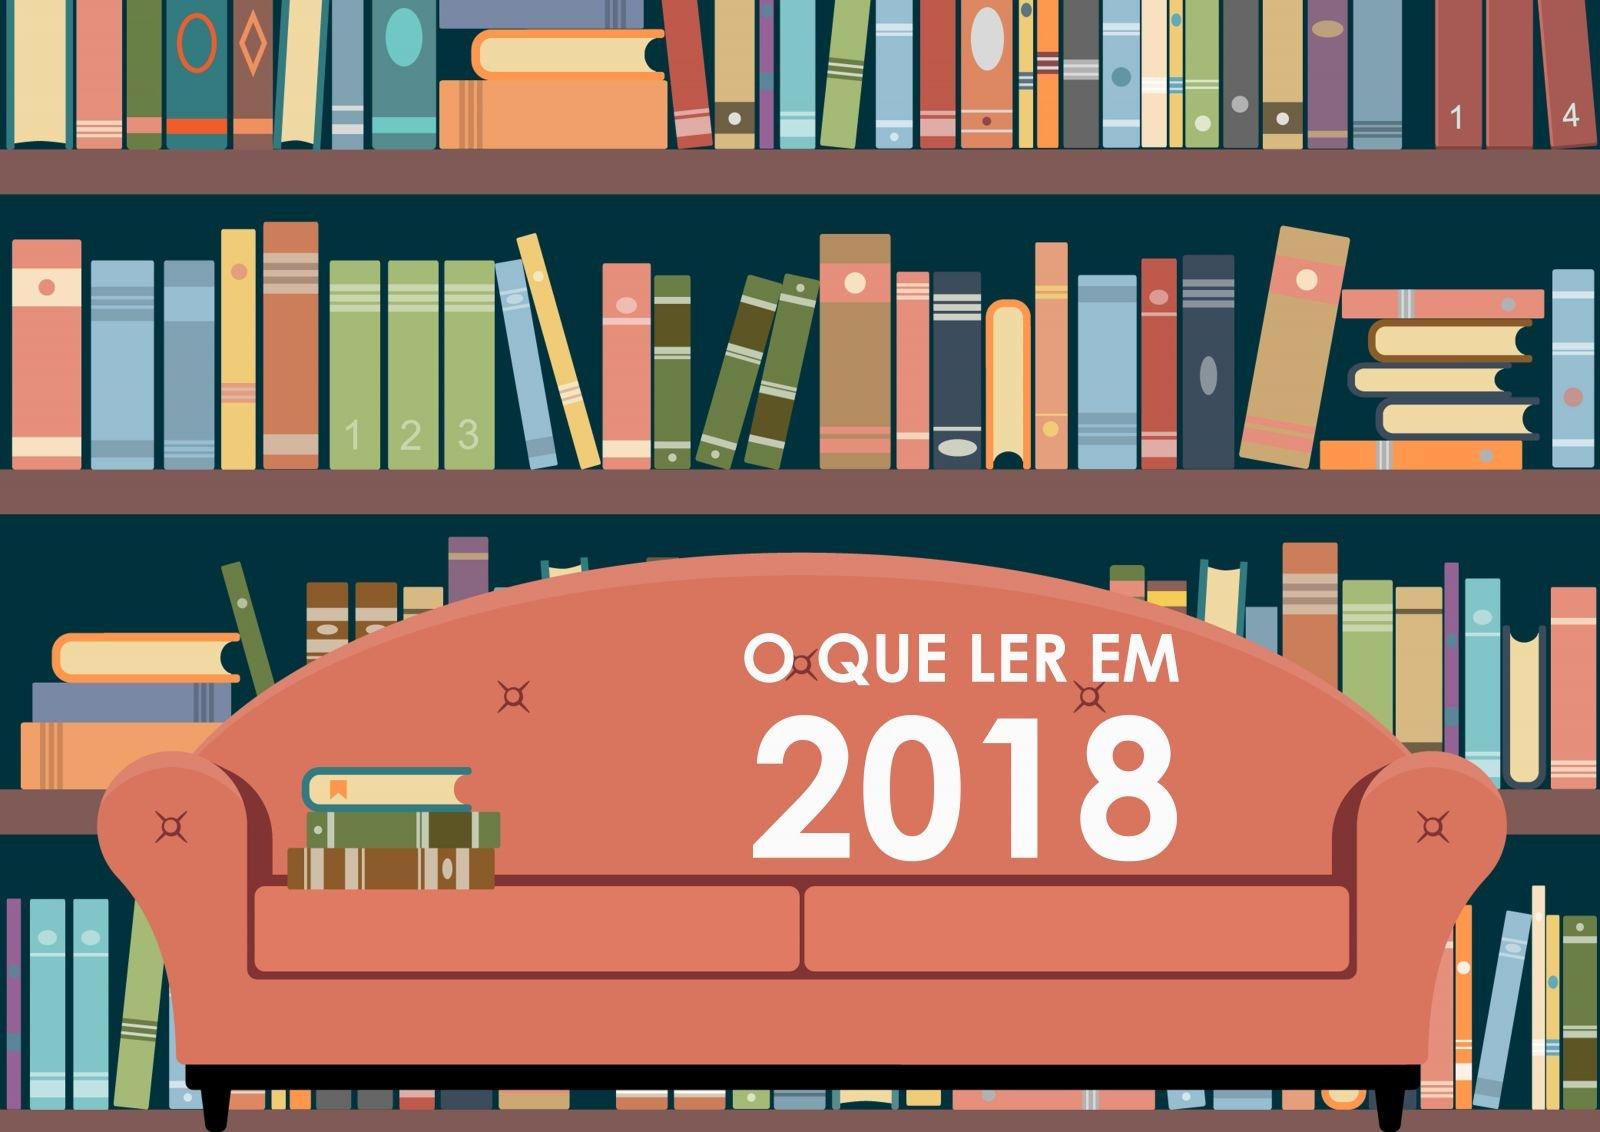 oqueler.jpg?resize=1200,630 - 11 livros imperdíveis para devorar em 2018